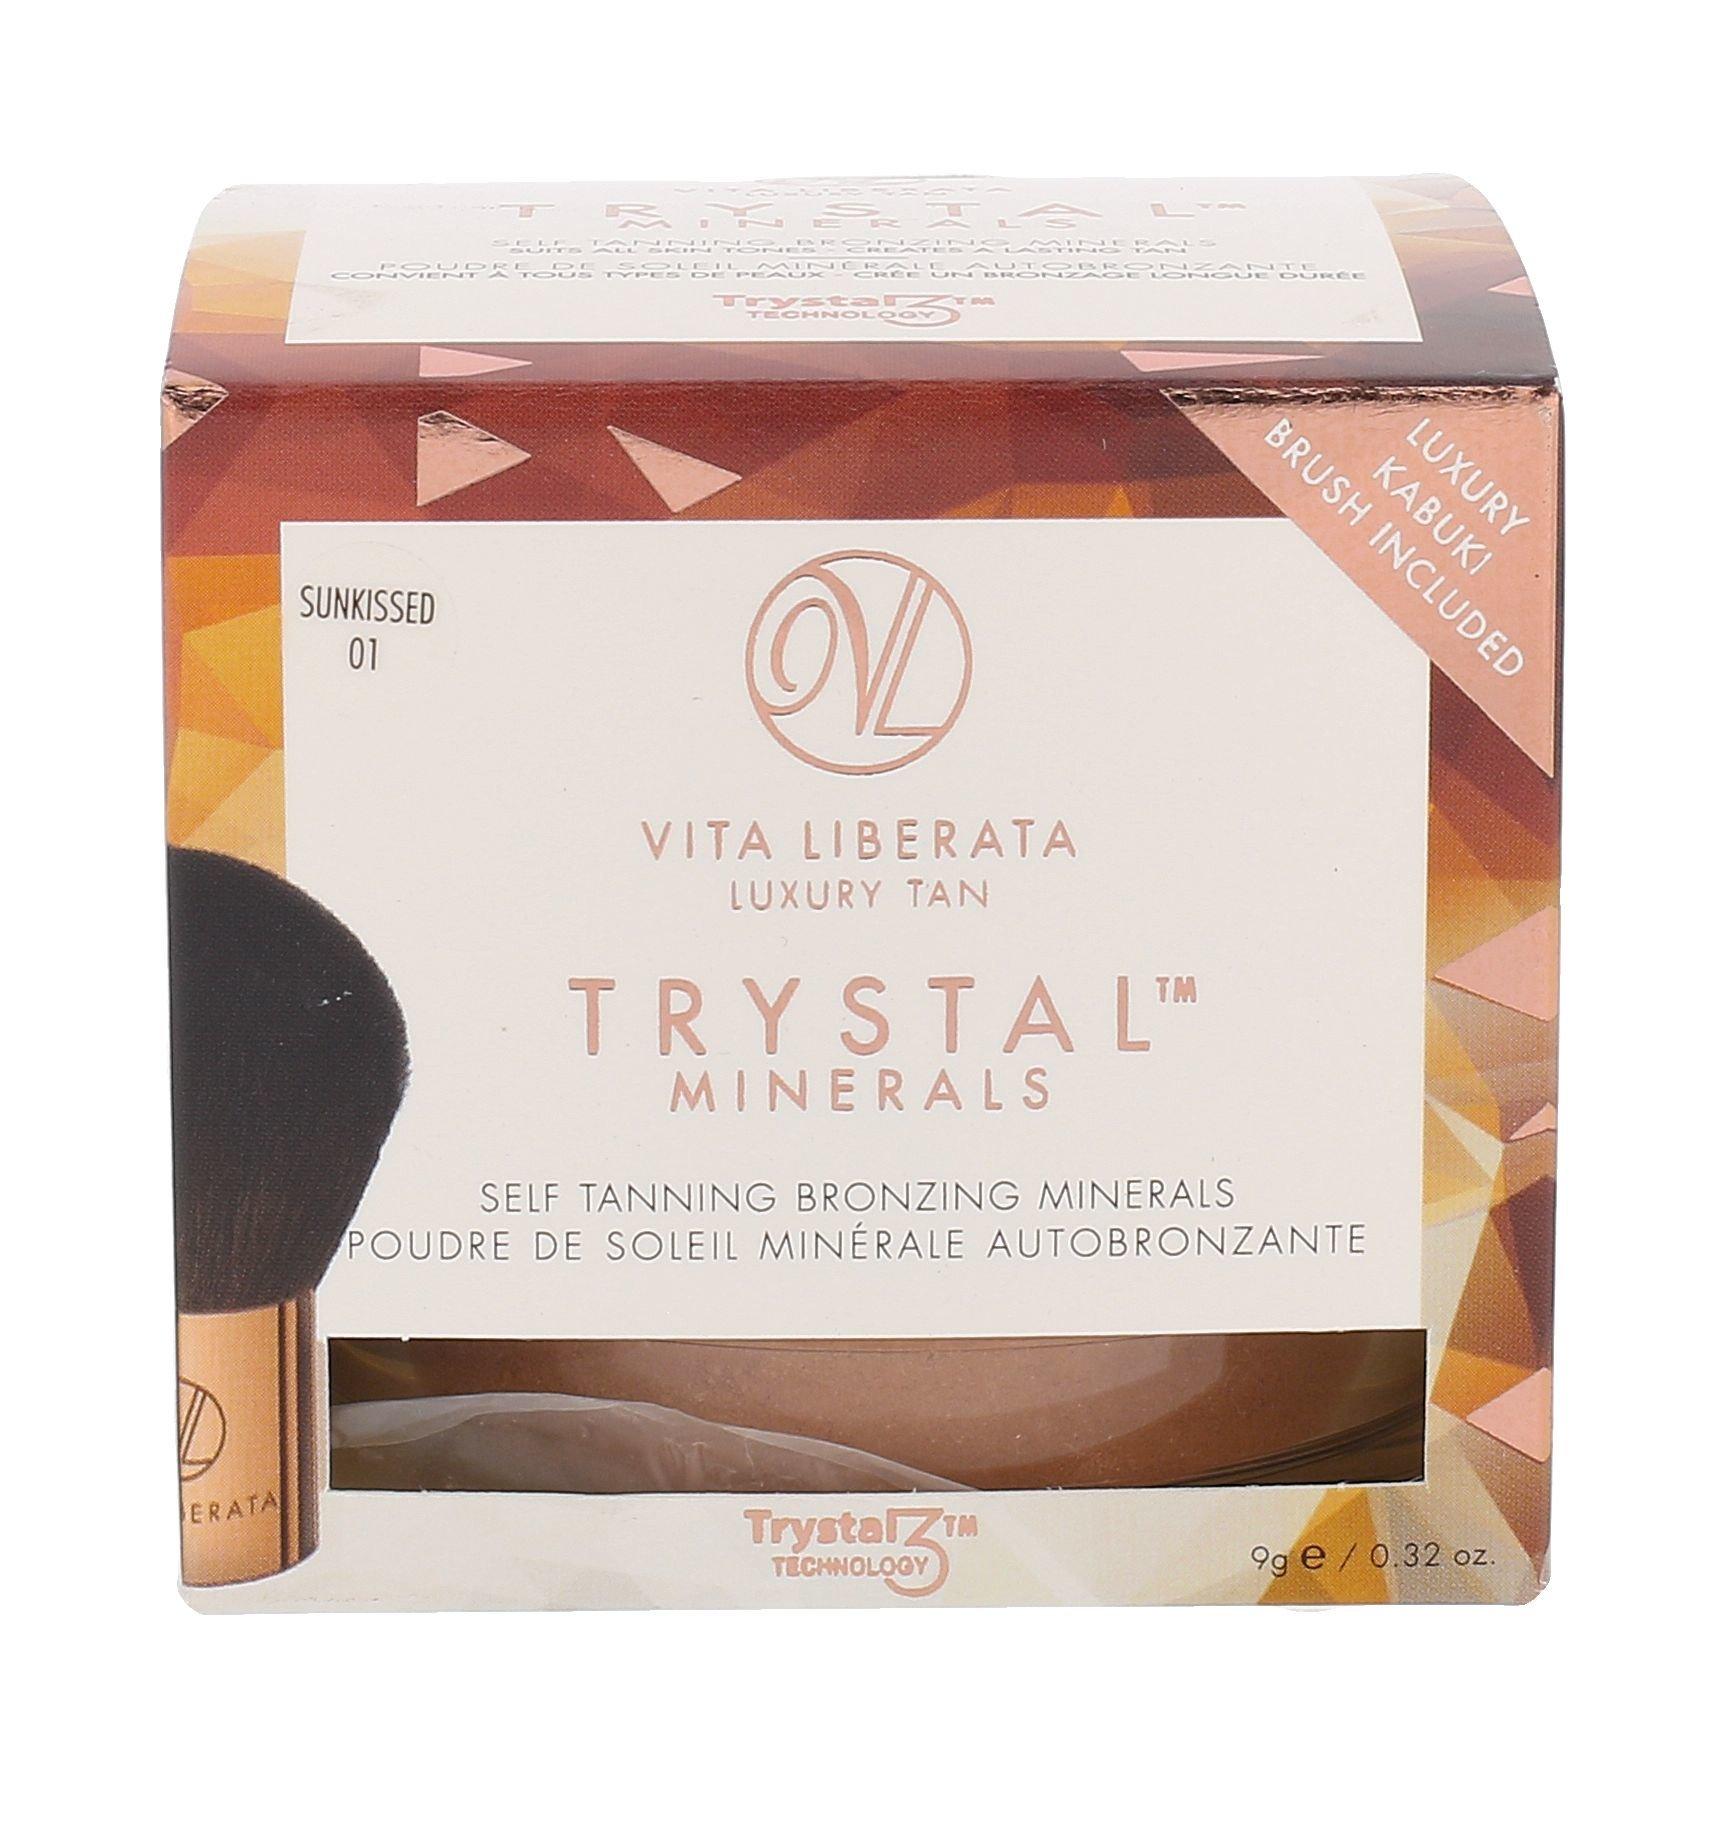 Vita Liberata Trystal Cosmetic 9ml 01 Sunkissed Minerals